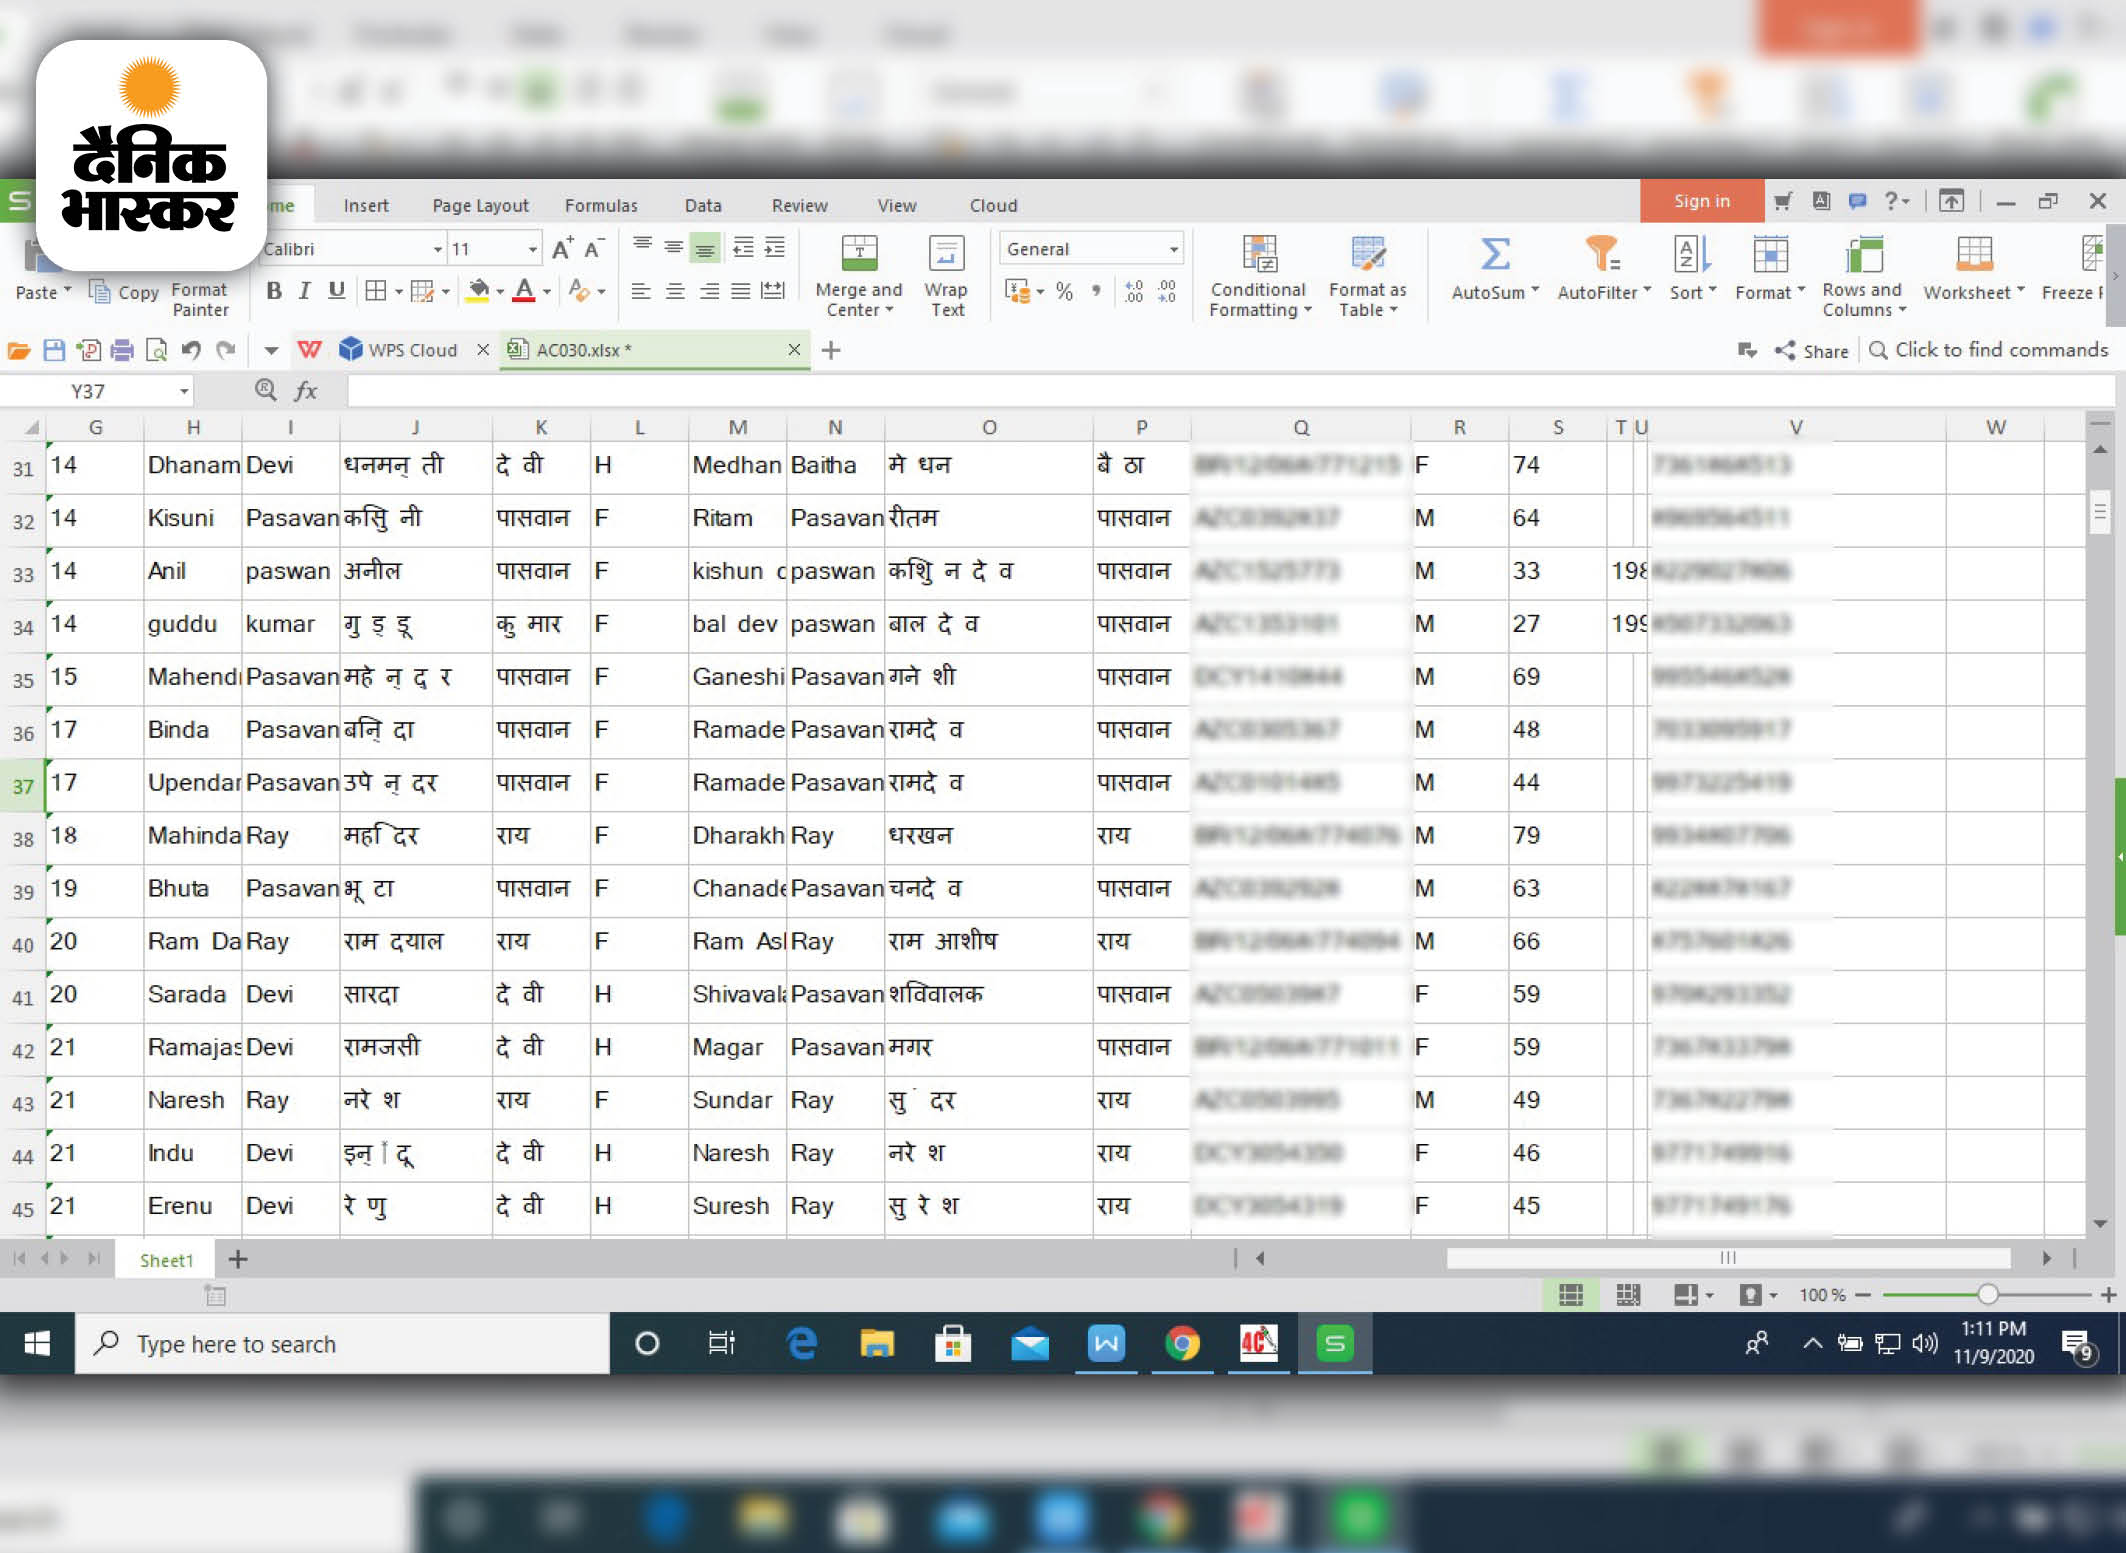 भास्कर ने संबंधित एजेंसी से यह सैम्पल डेटा हासिल किया।